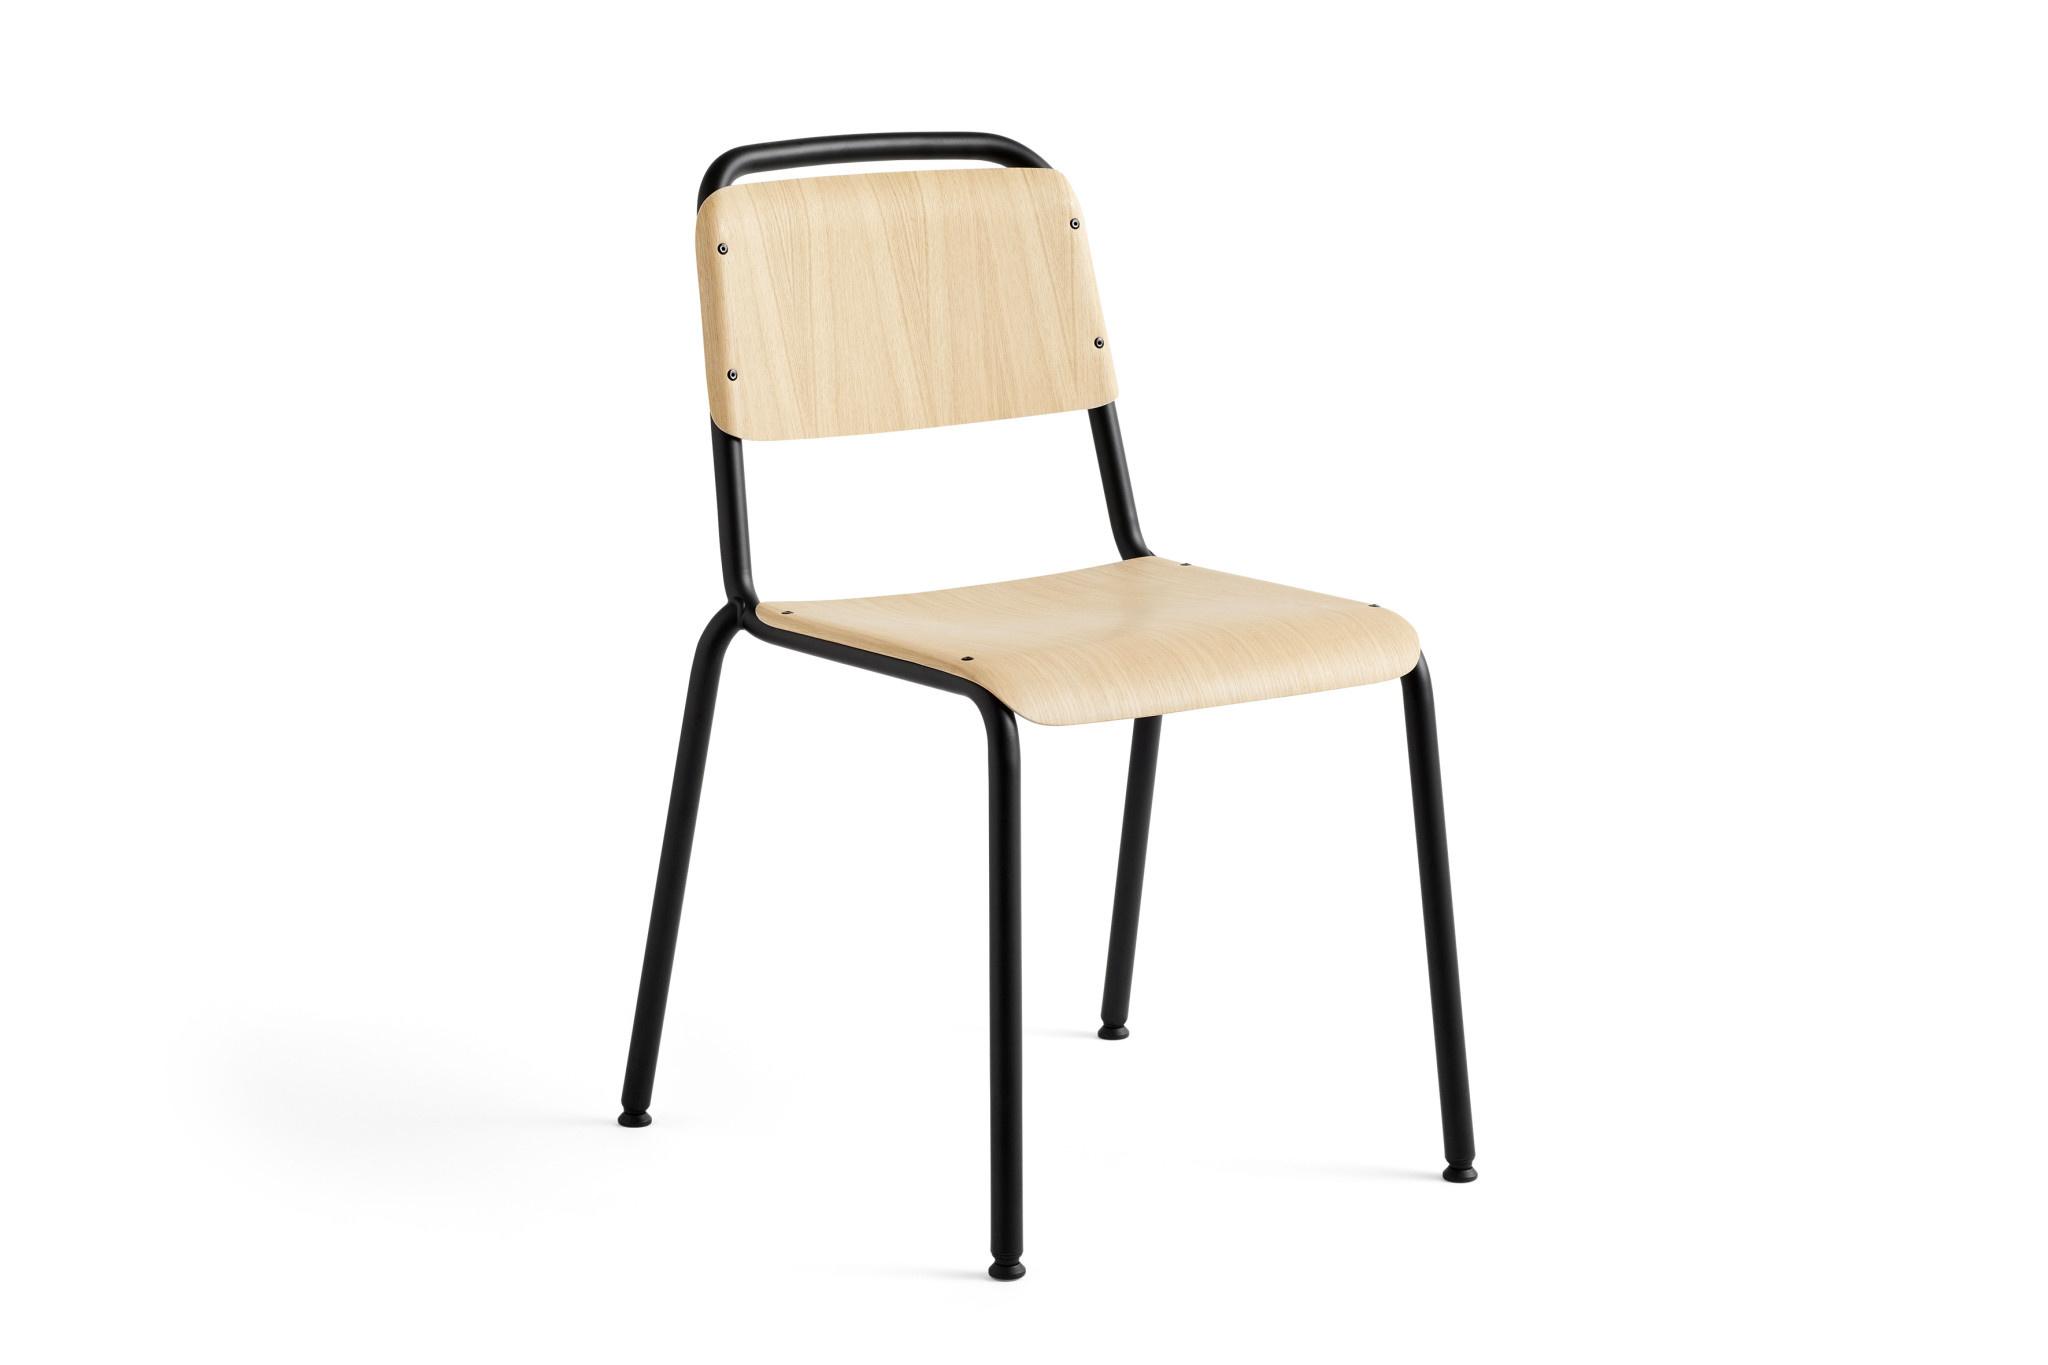 HAY Halftime stoel - zwart staal onderstel - HAY